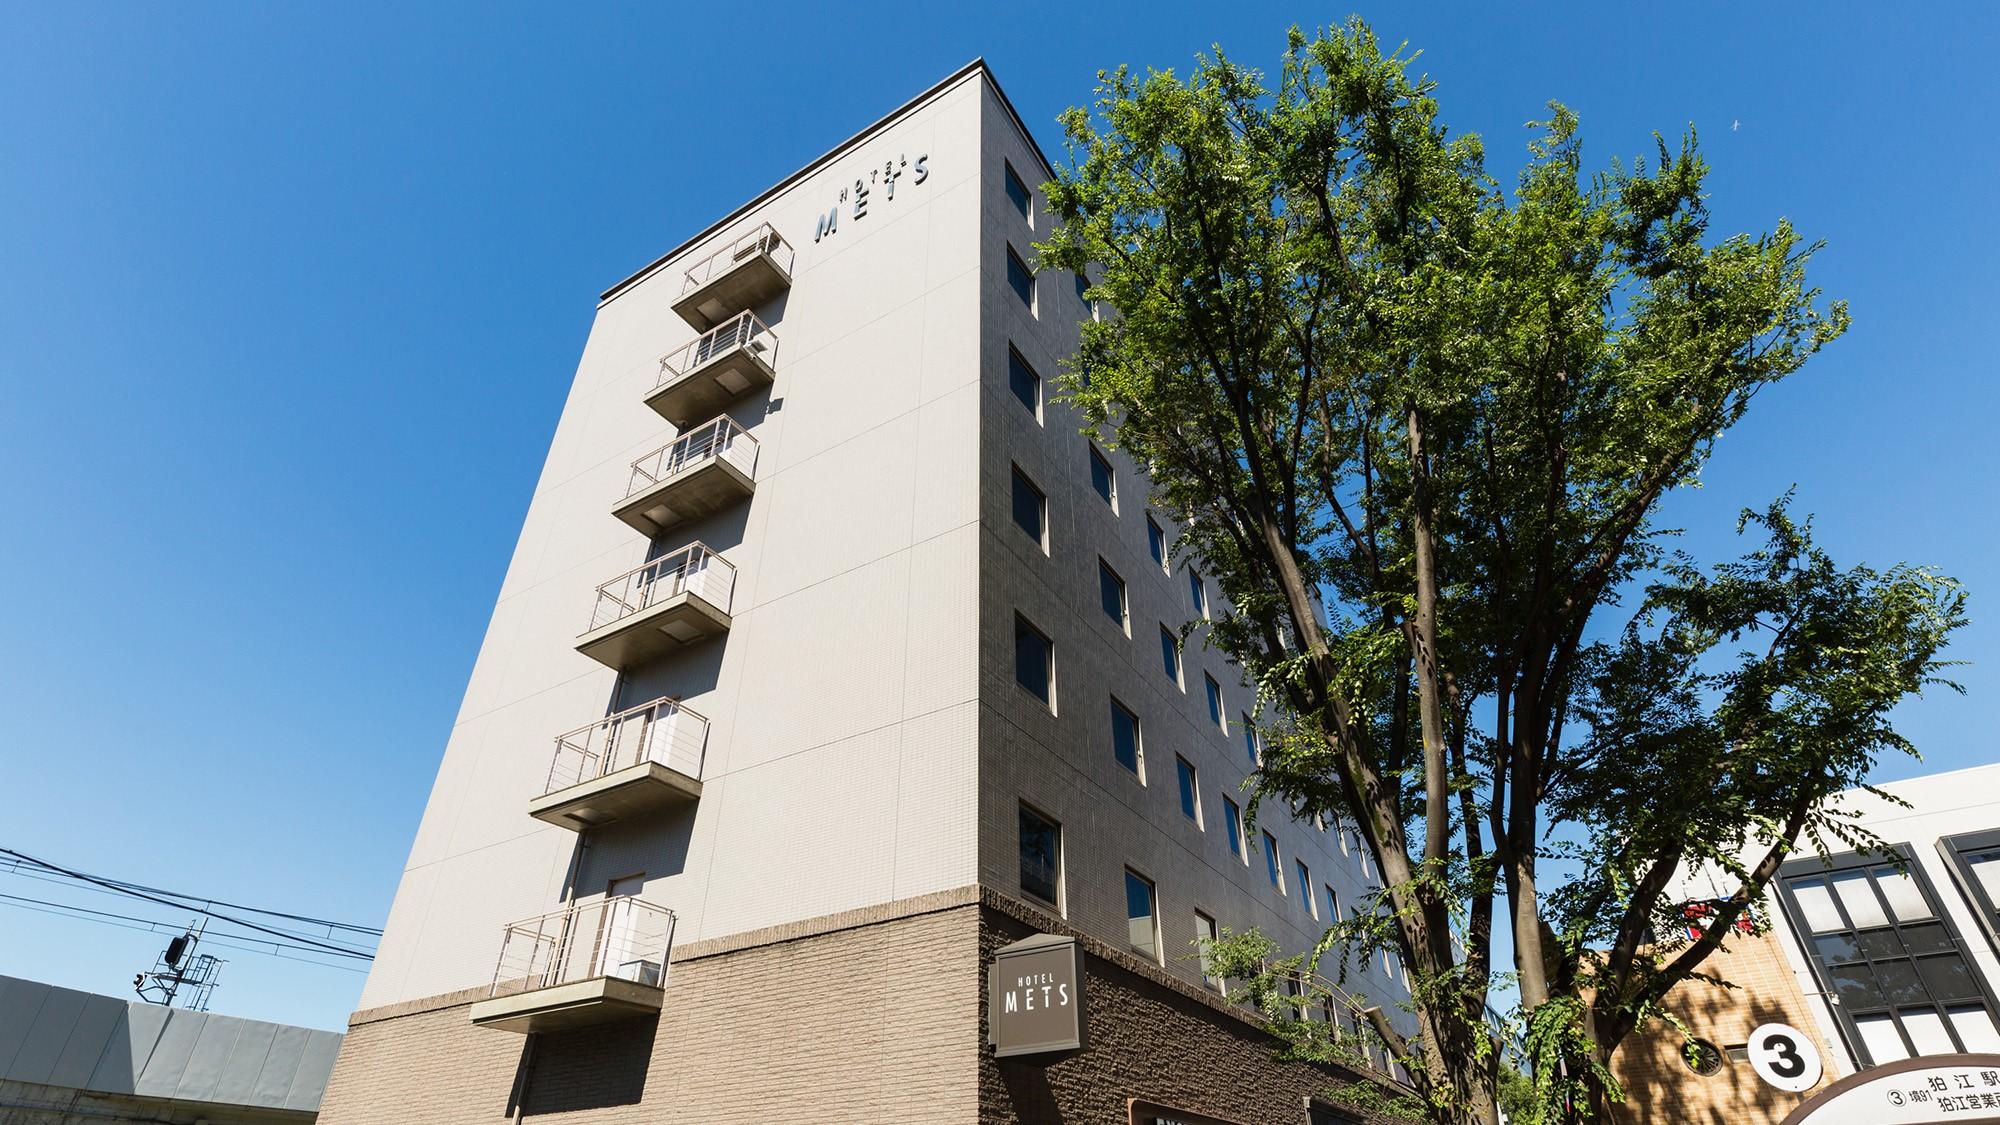 ホテルメッツ武蔵境